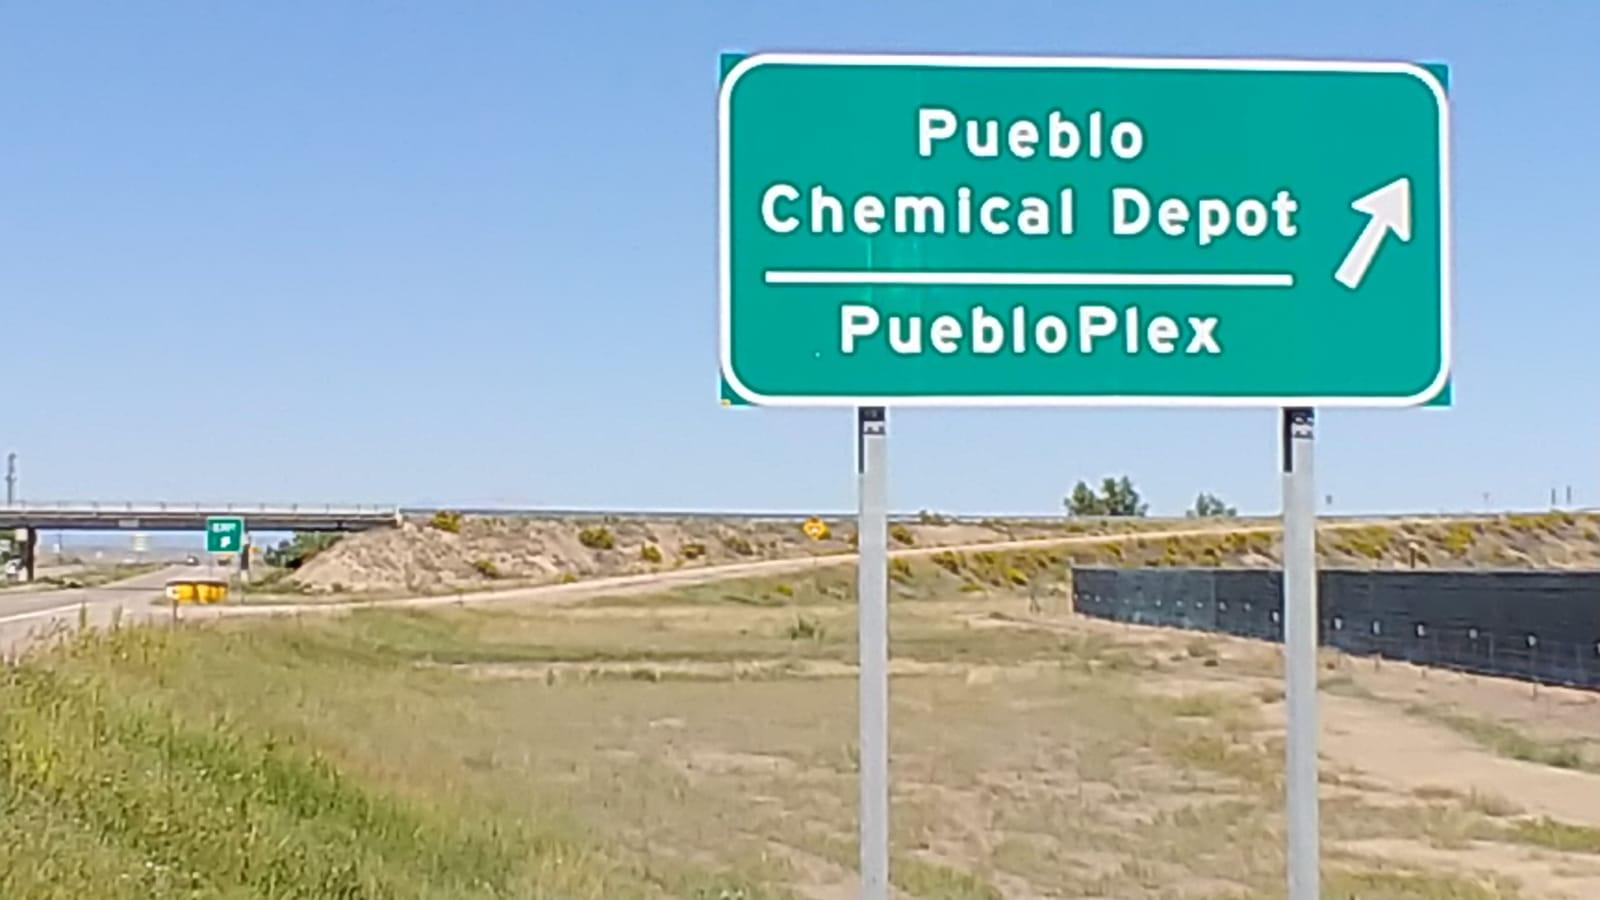 Free dating sites pueblo colorado